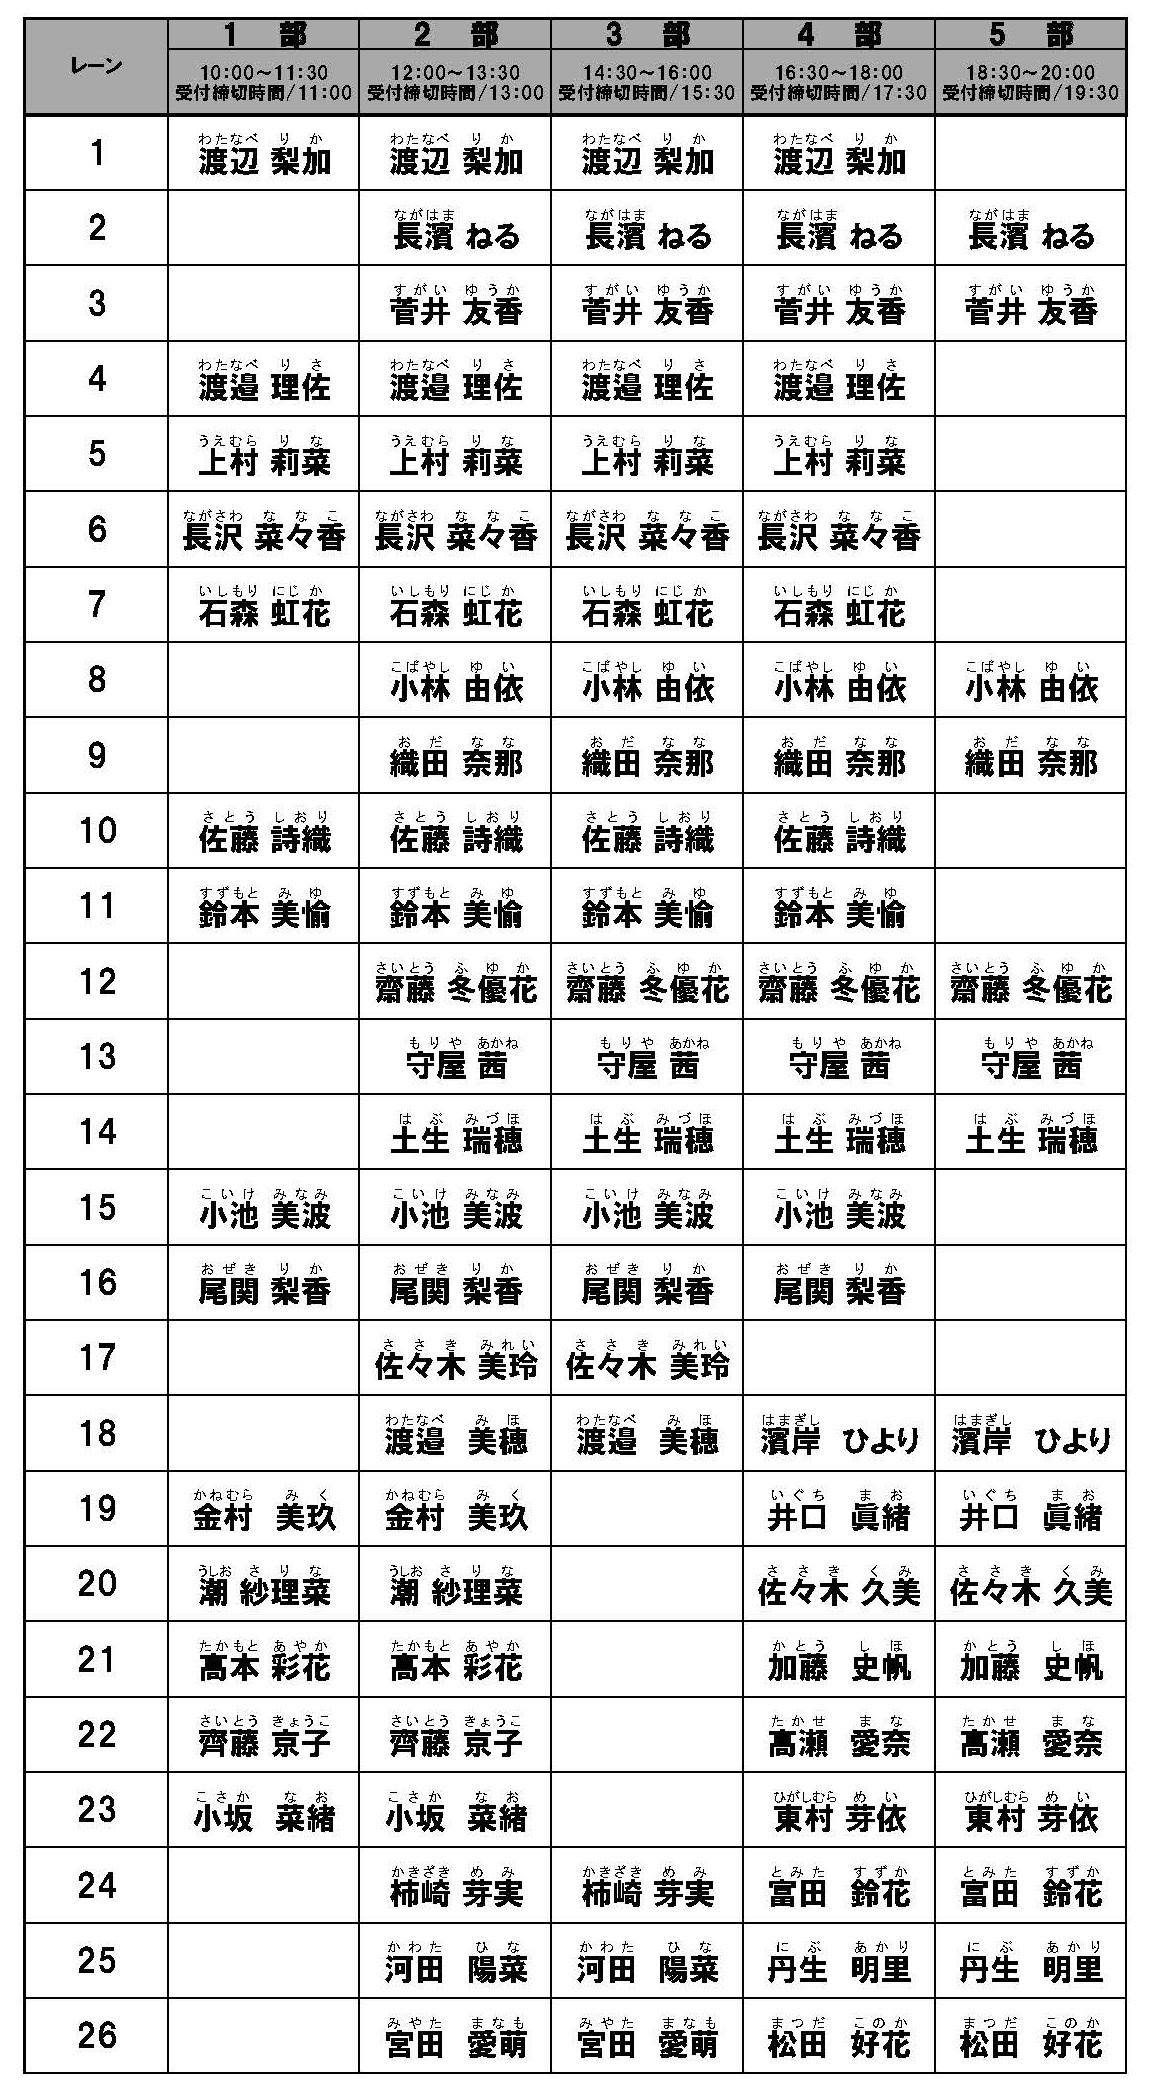 8thシングル『黒い羊』発売記念 個別握手会 3月24日(日)愛知会場@ポートメッセなごや